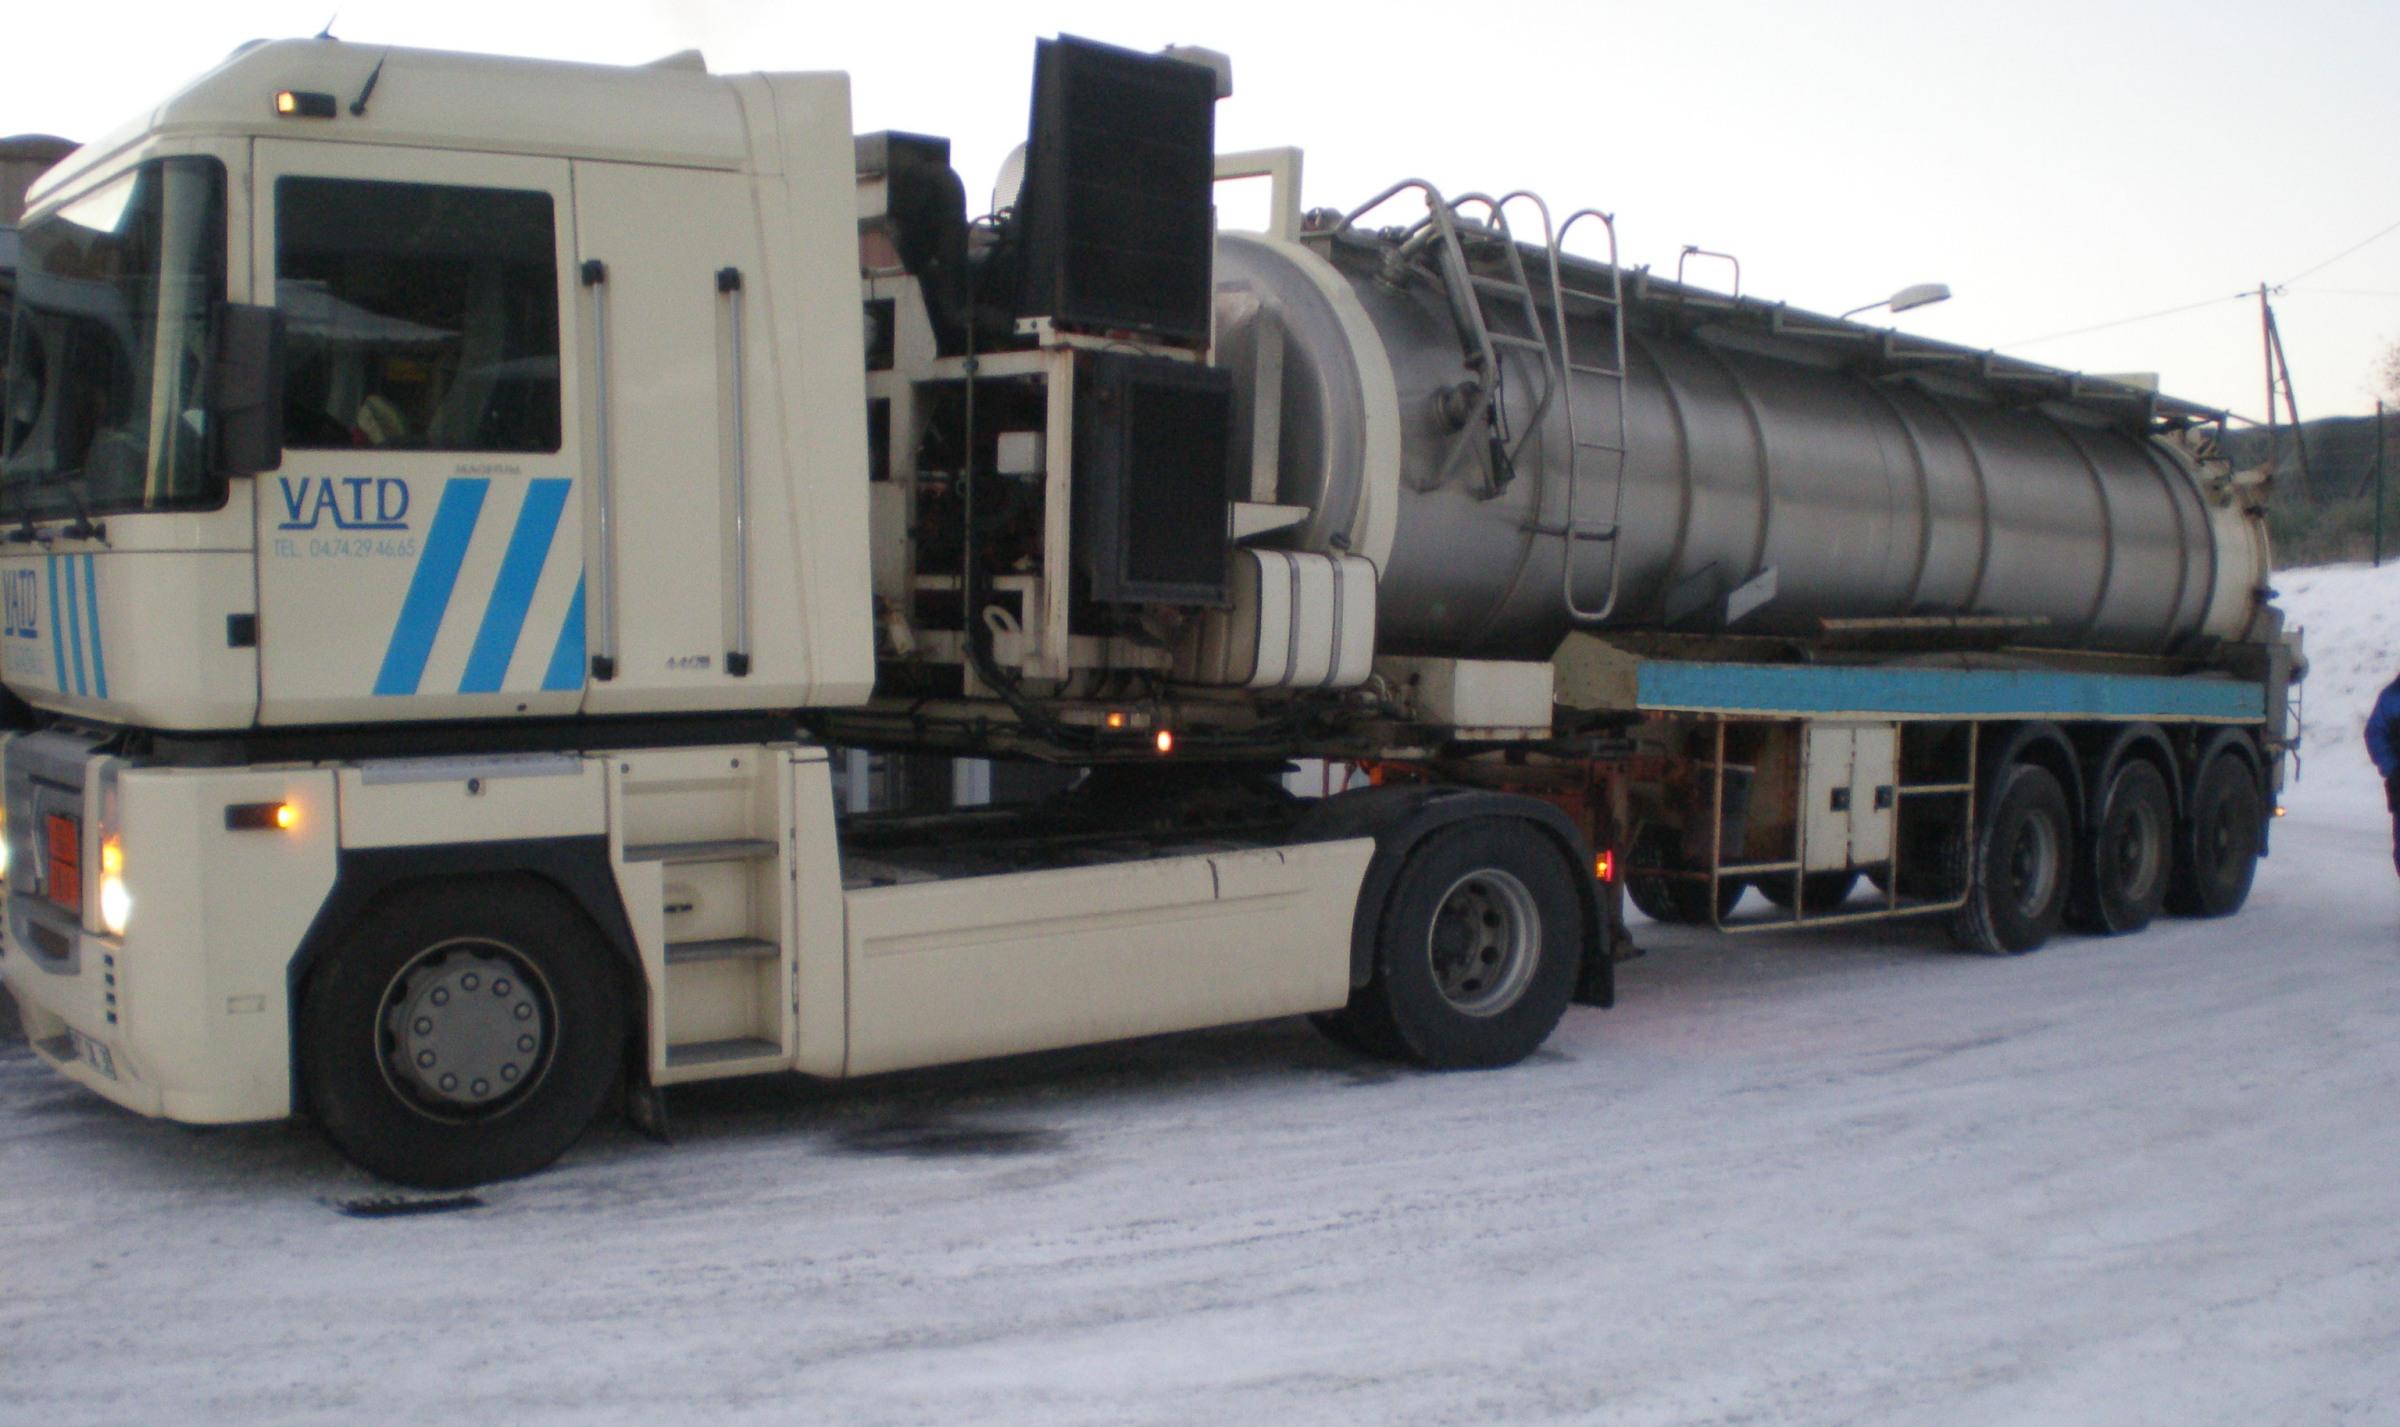 Transport déchets boueux VATD